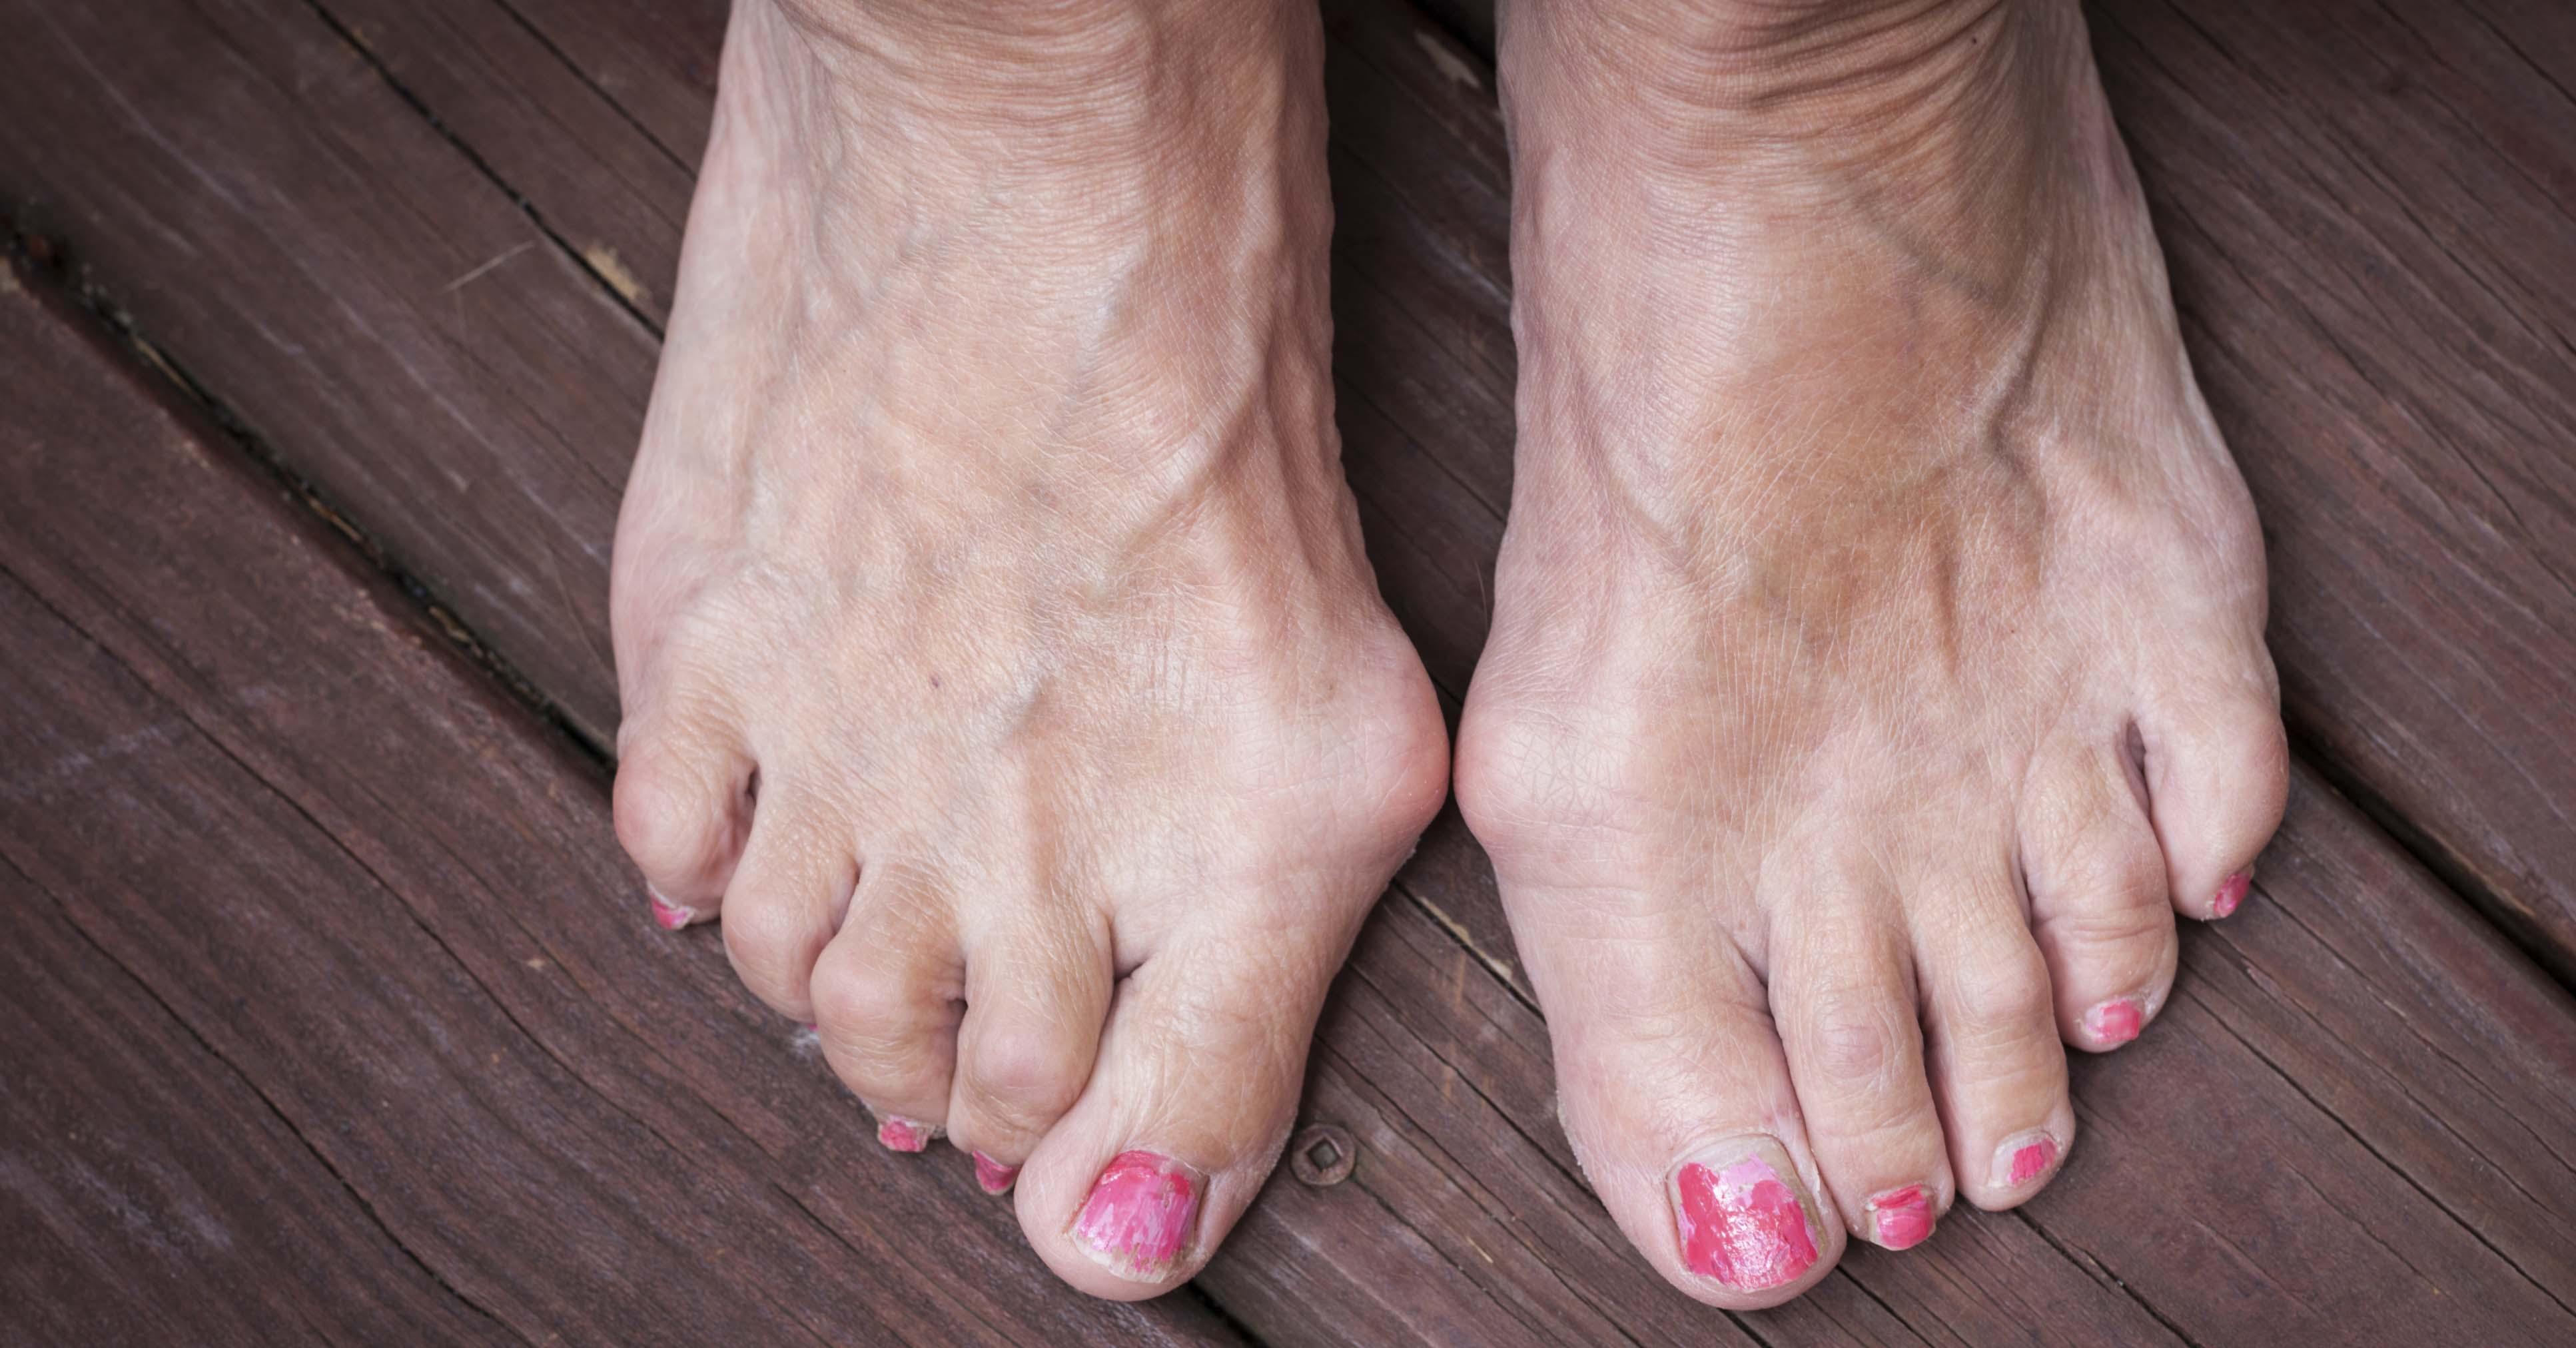 Удаление косточки на ноге - хирургическое в домашних условиях без операции